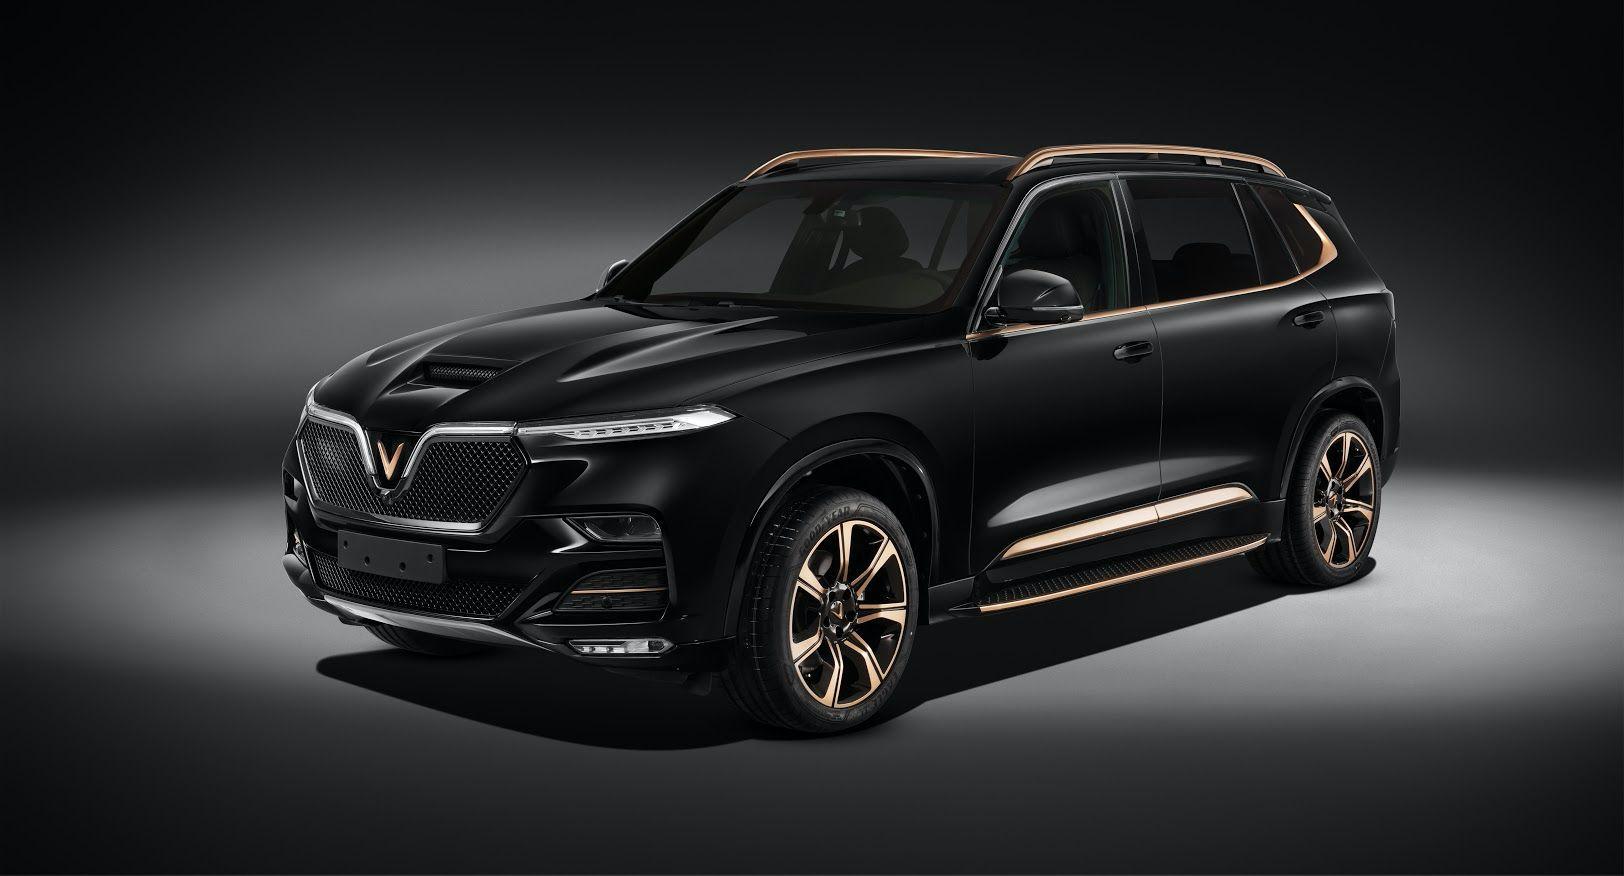 Mobil Mewah Buatan Vietnam Ini Hanya Diproduksi Terbatas, Sebegini Harganya - JPNN.com